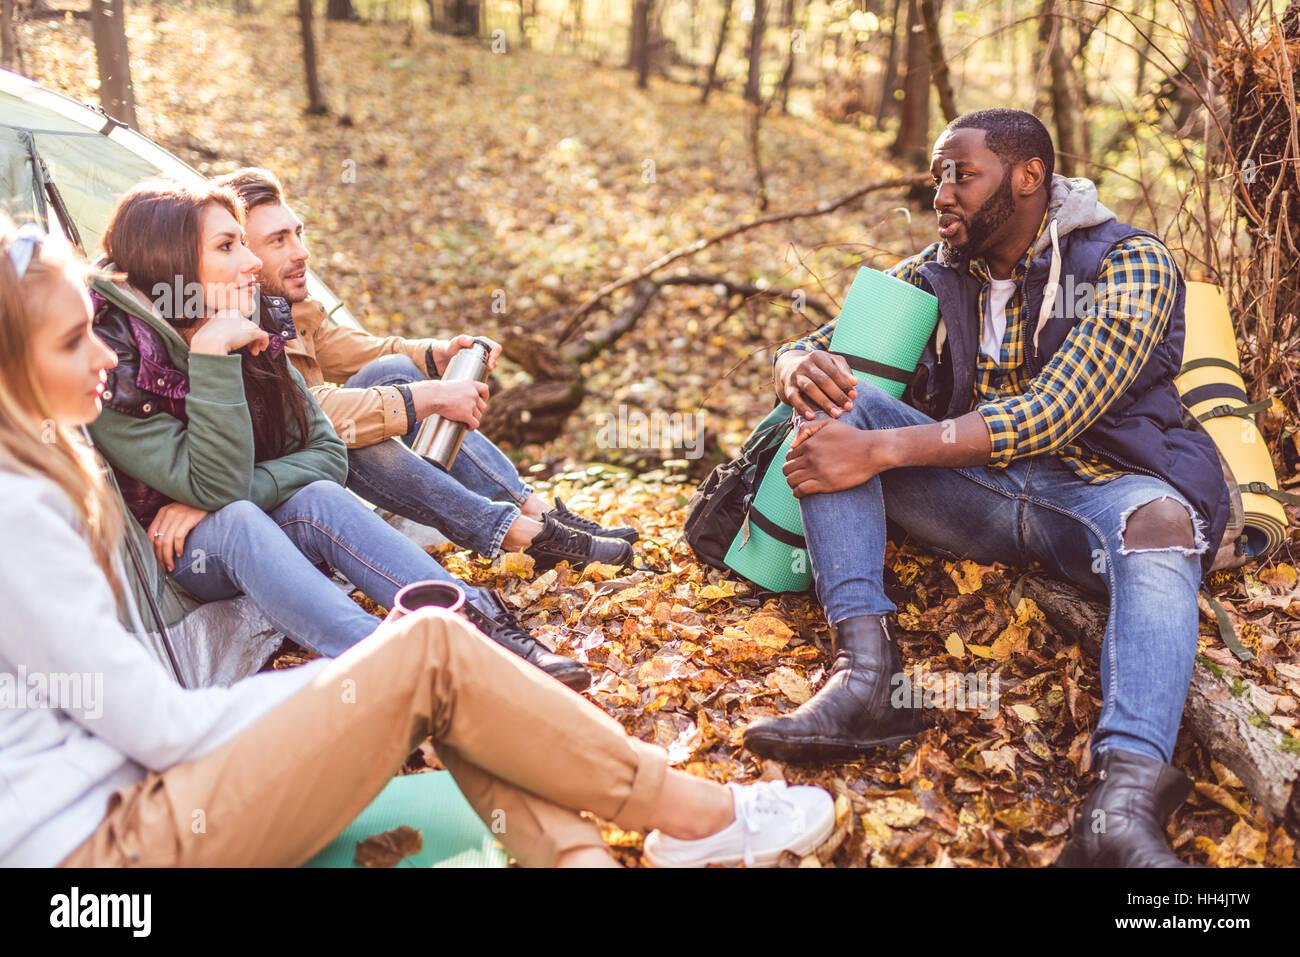 Junge Freunde Reisende sitzen und reden in der Nähe von Zelt im herbstlichen Wald Stockbild